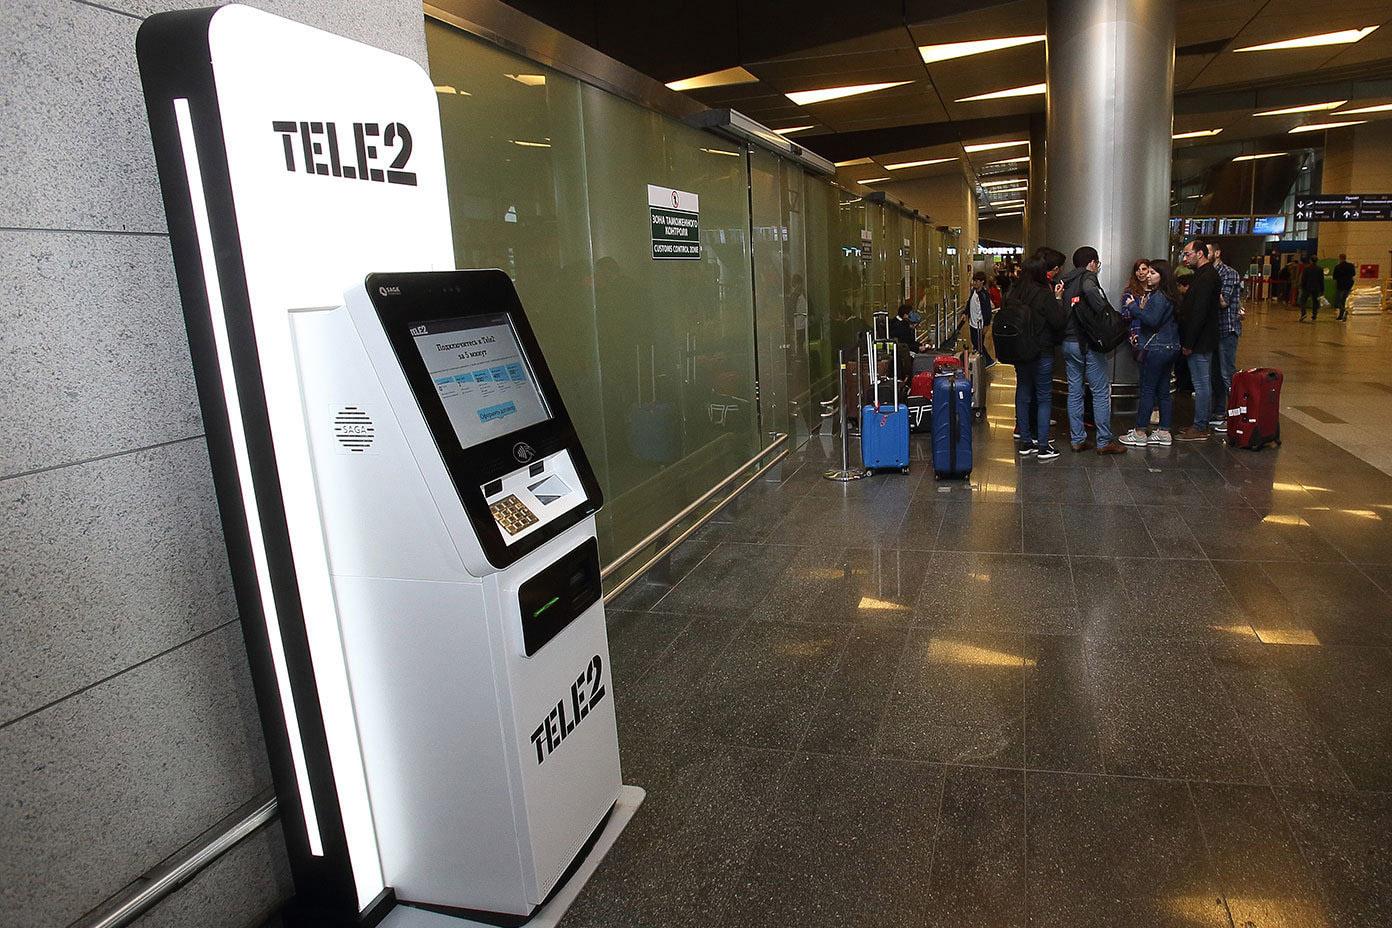 Tele2 первым установил автомат по продаже SIM-карт с искусственным интеллектом